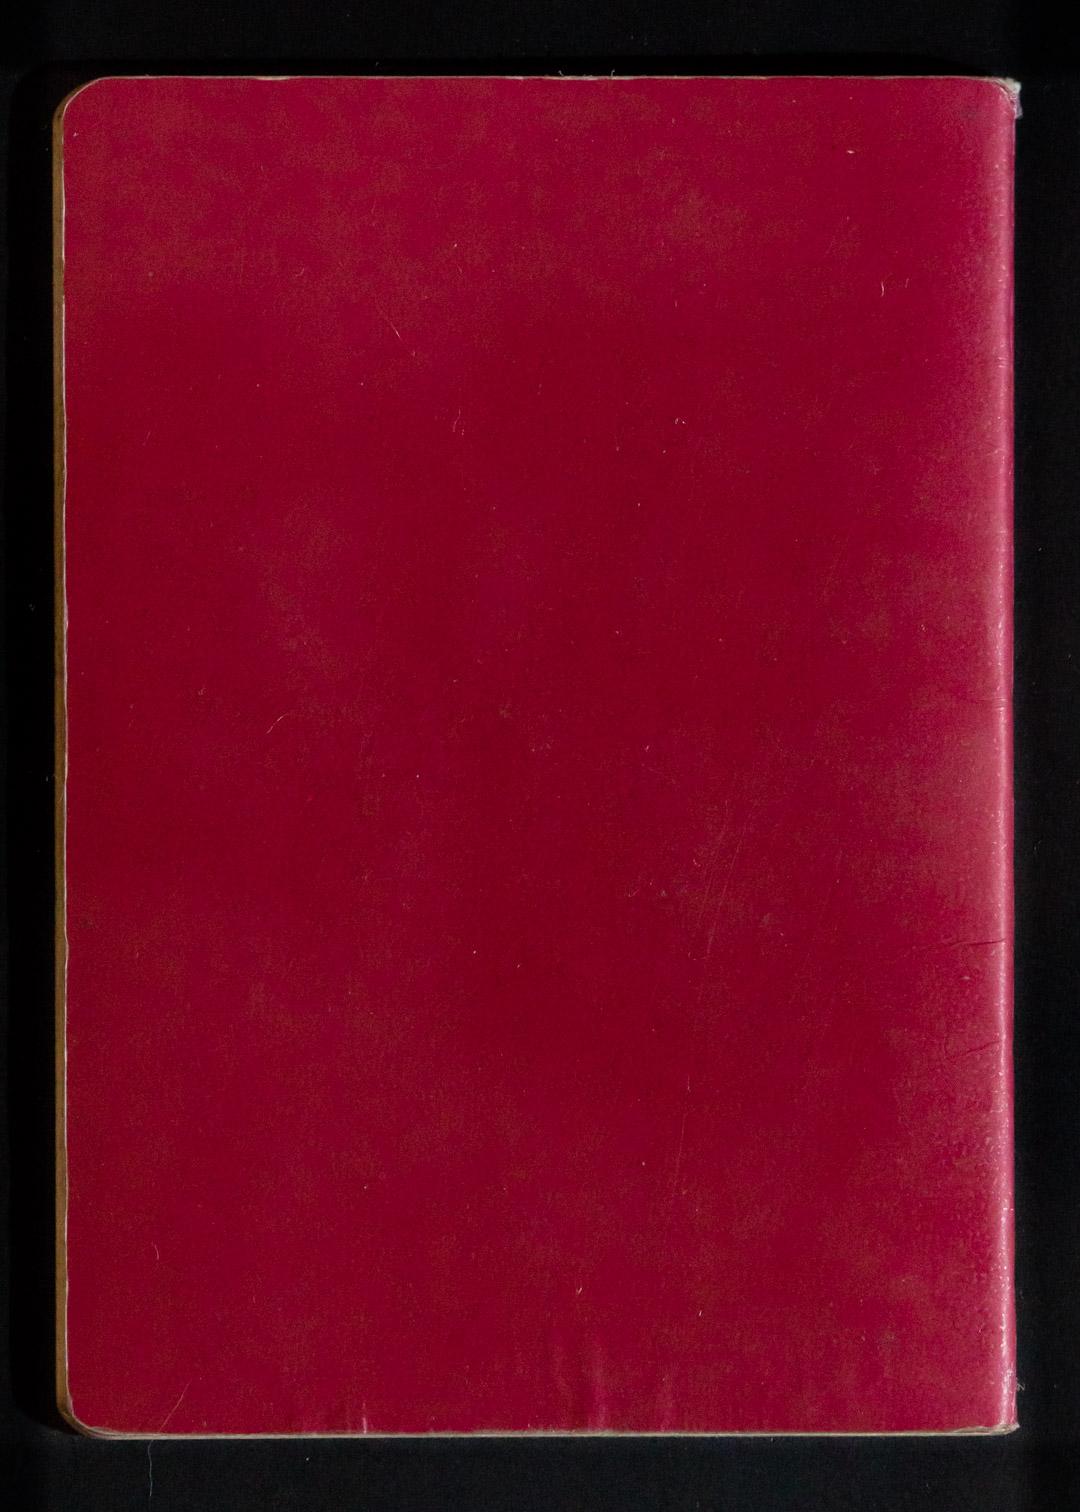 01-25 Back Cover.jpg